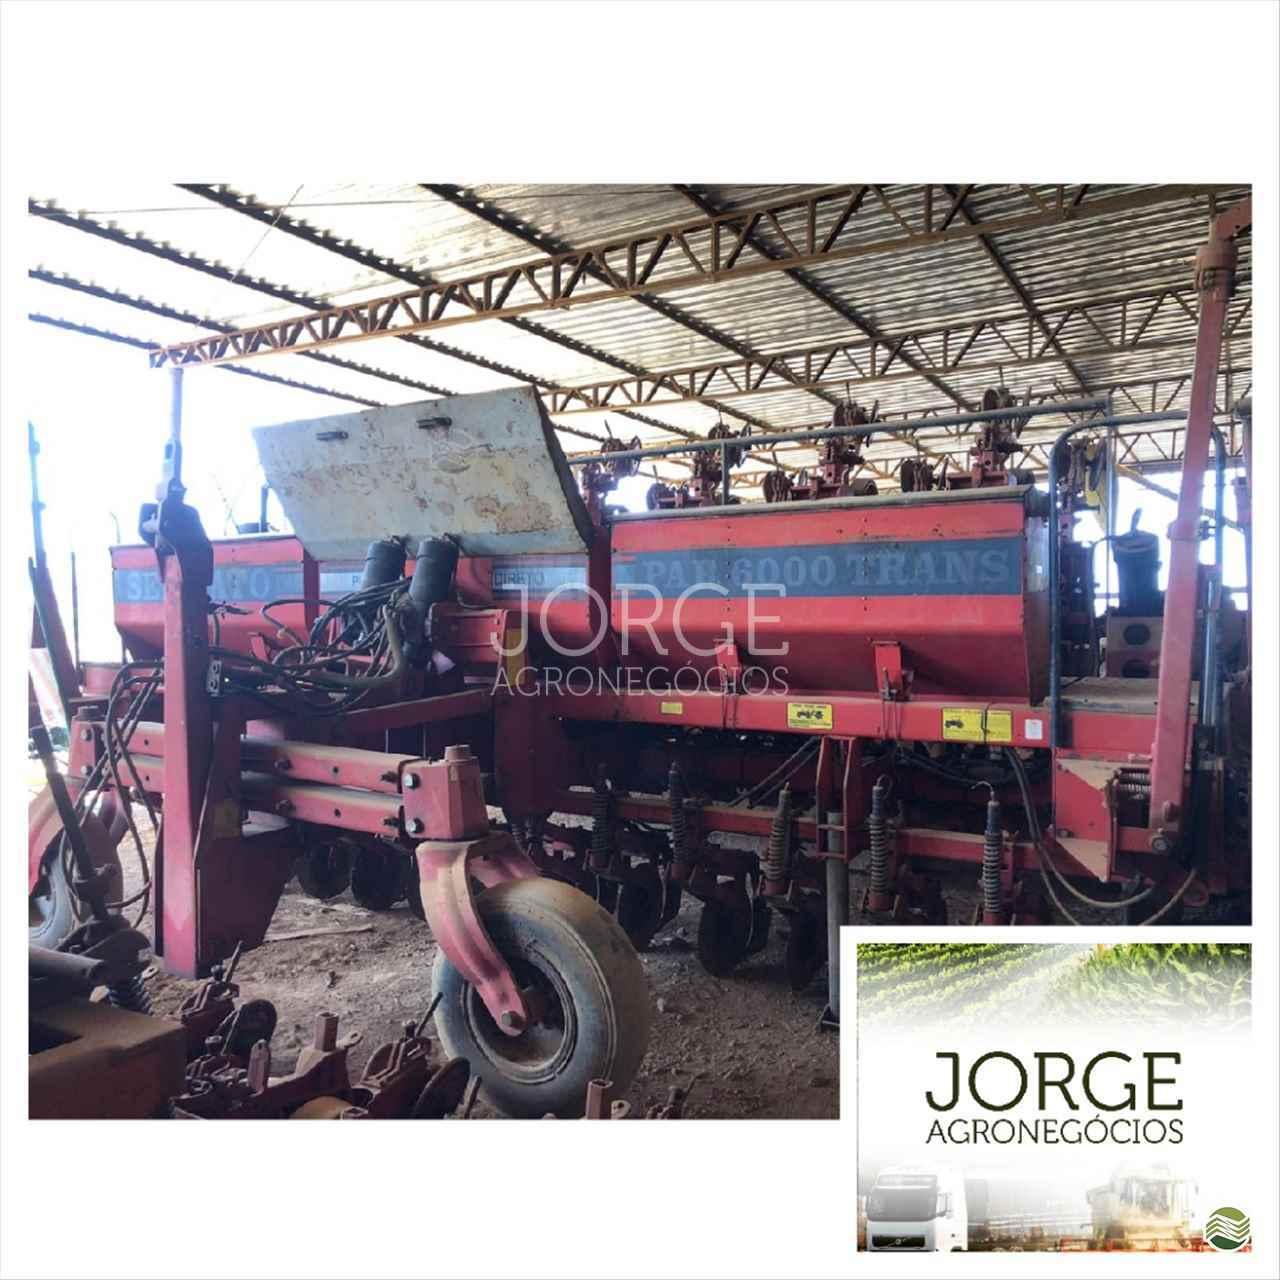 PLANTADEIRA SEMEATO PAR TRANS 6000 Jorge Agronegócios NOVA PONTE MINAS GERAIS MG